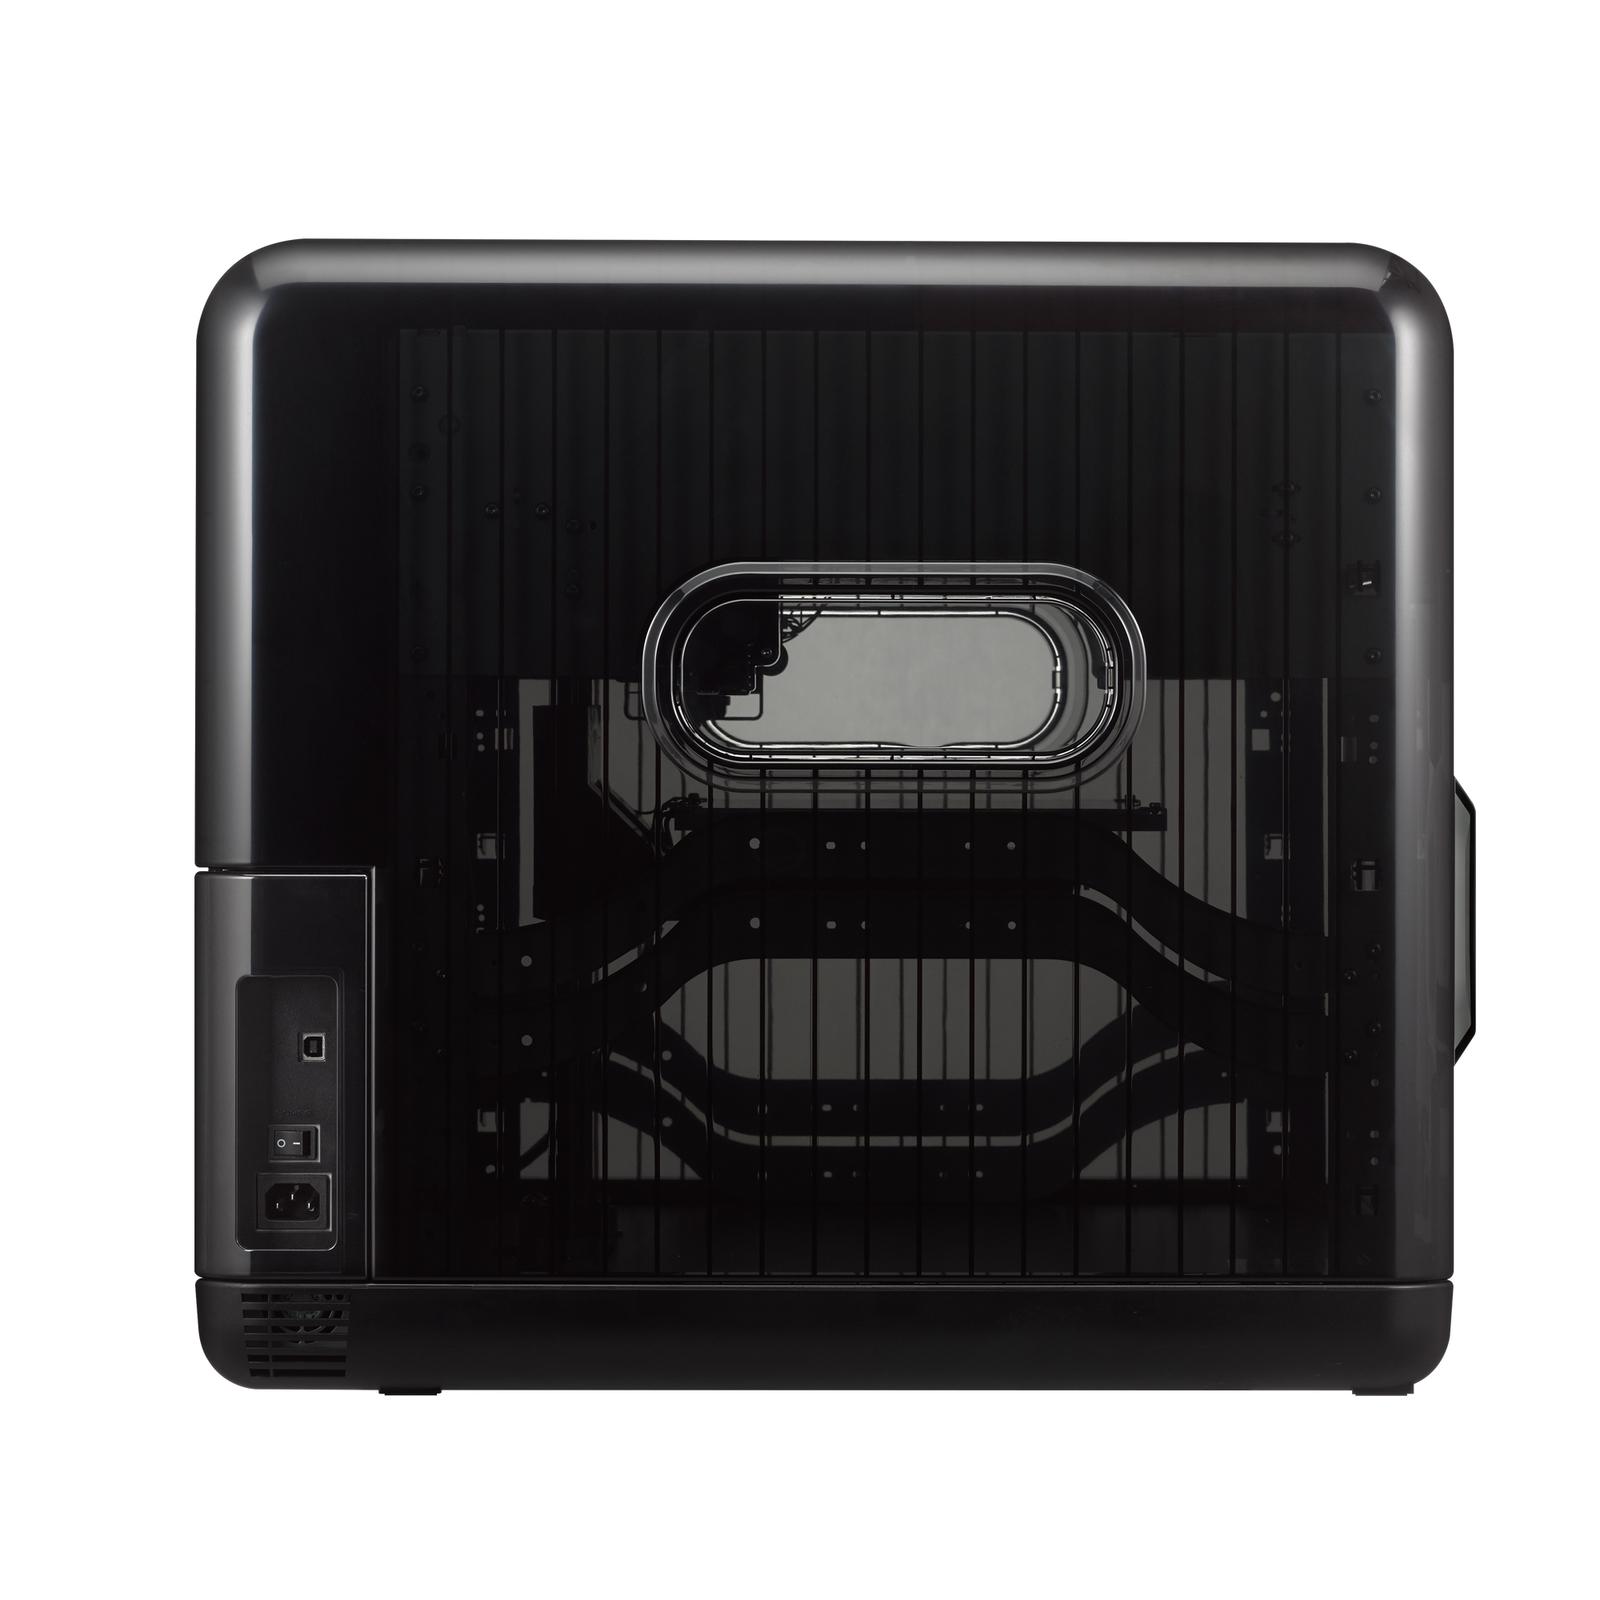 Xyz Da Vinci 1.0 Pro 3D Printer image